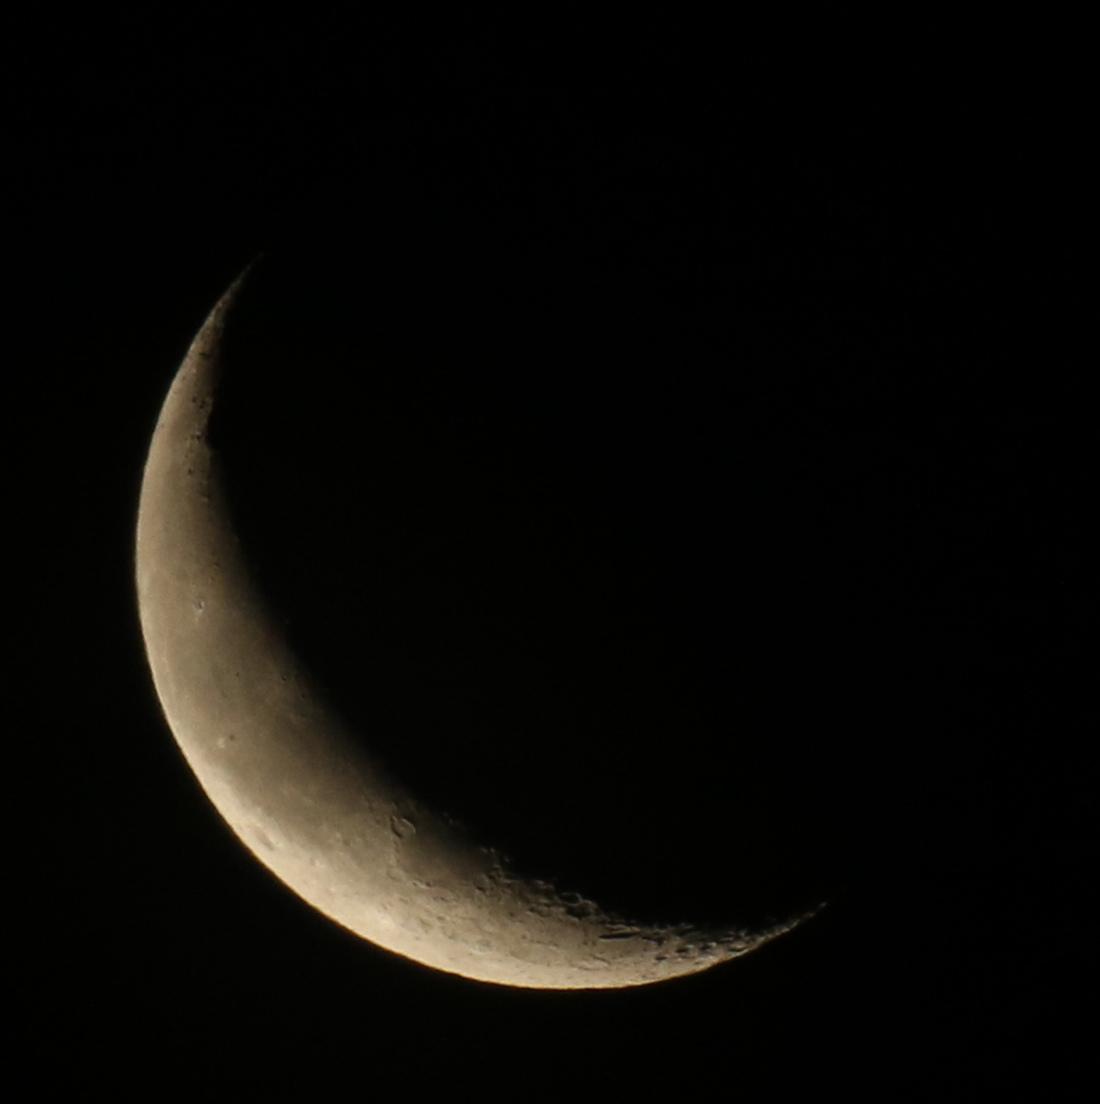 la lune le 31/01/2019 (55459/76/93/98/4441S120)